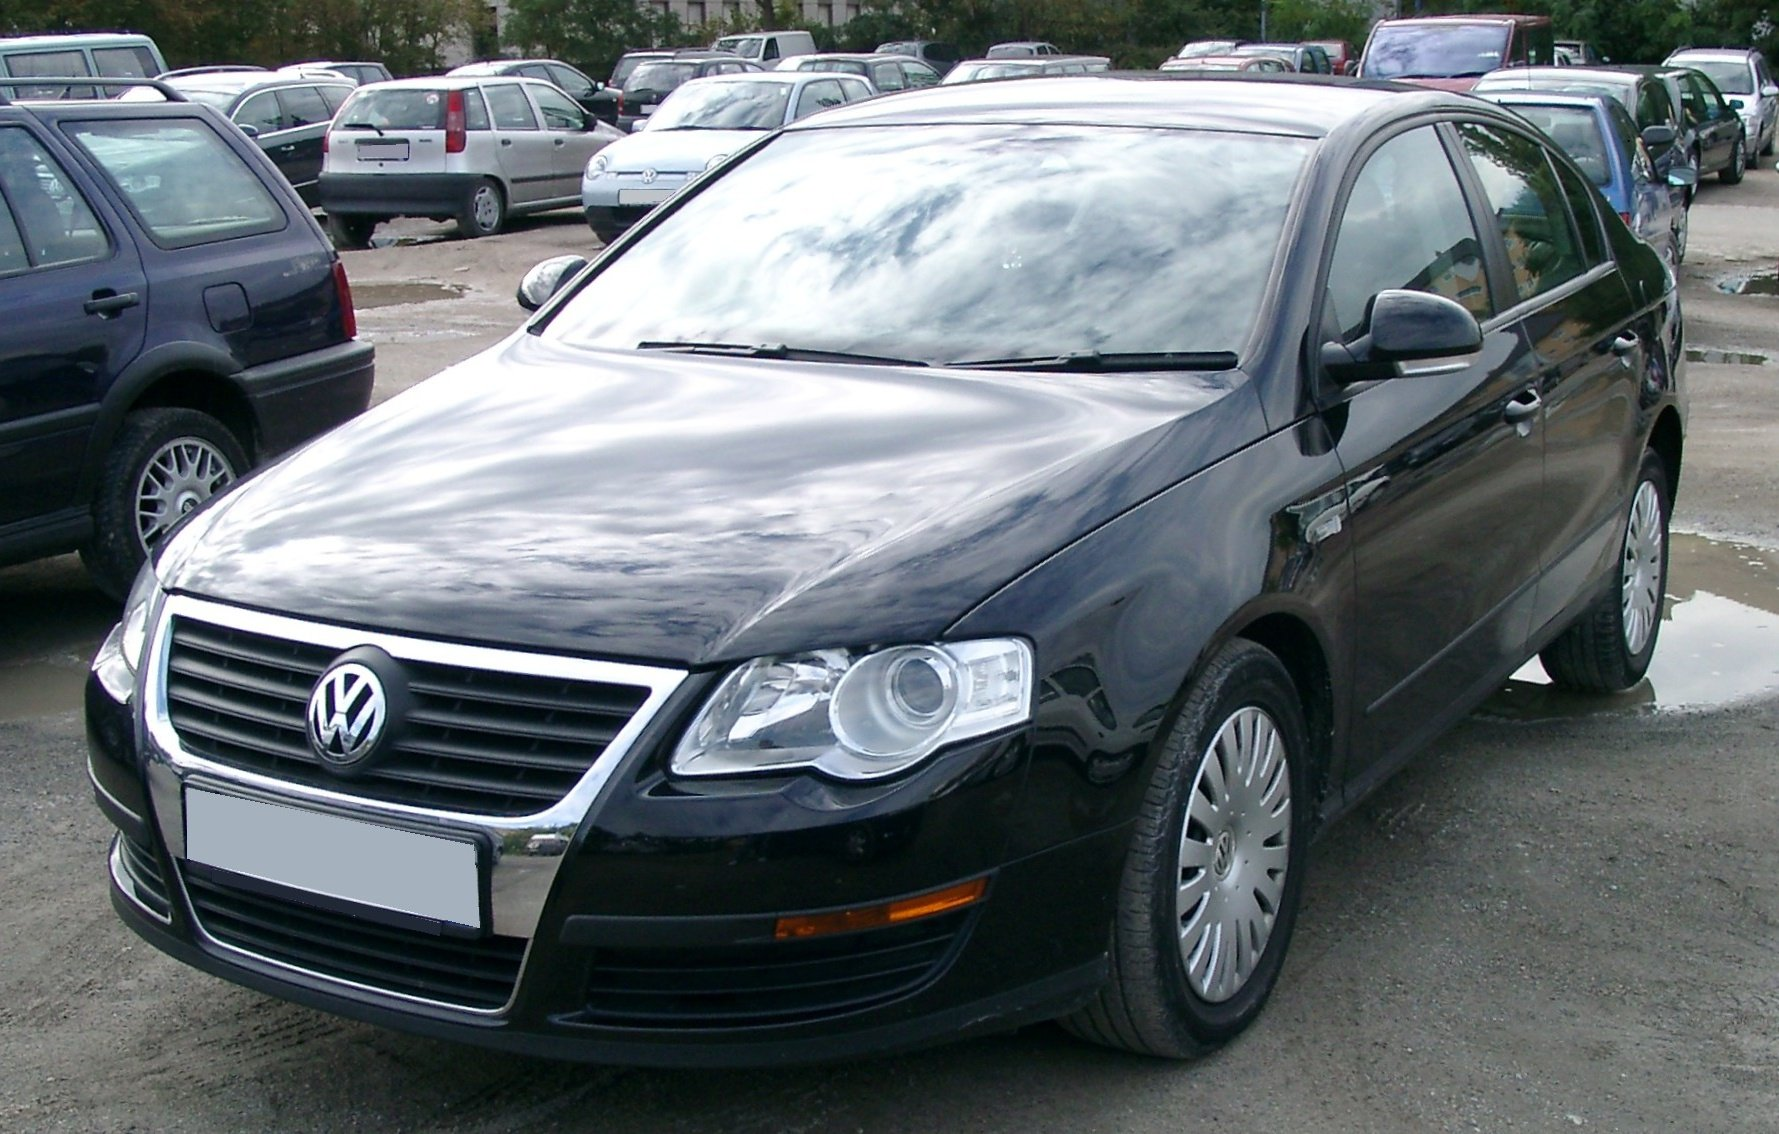 VW_Passat_B6_front